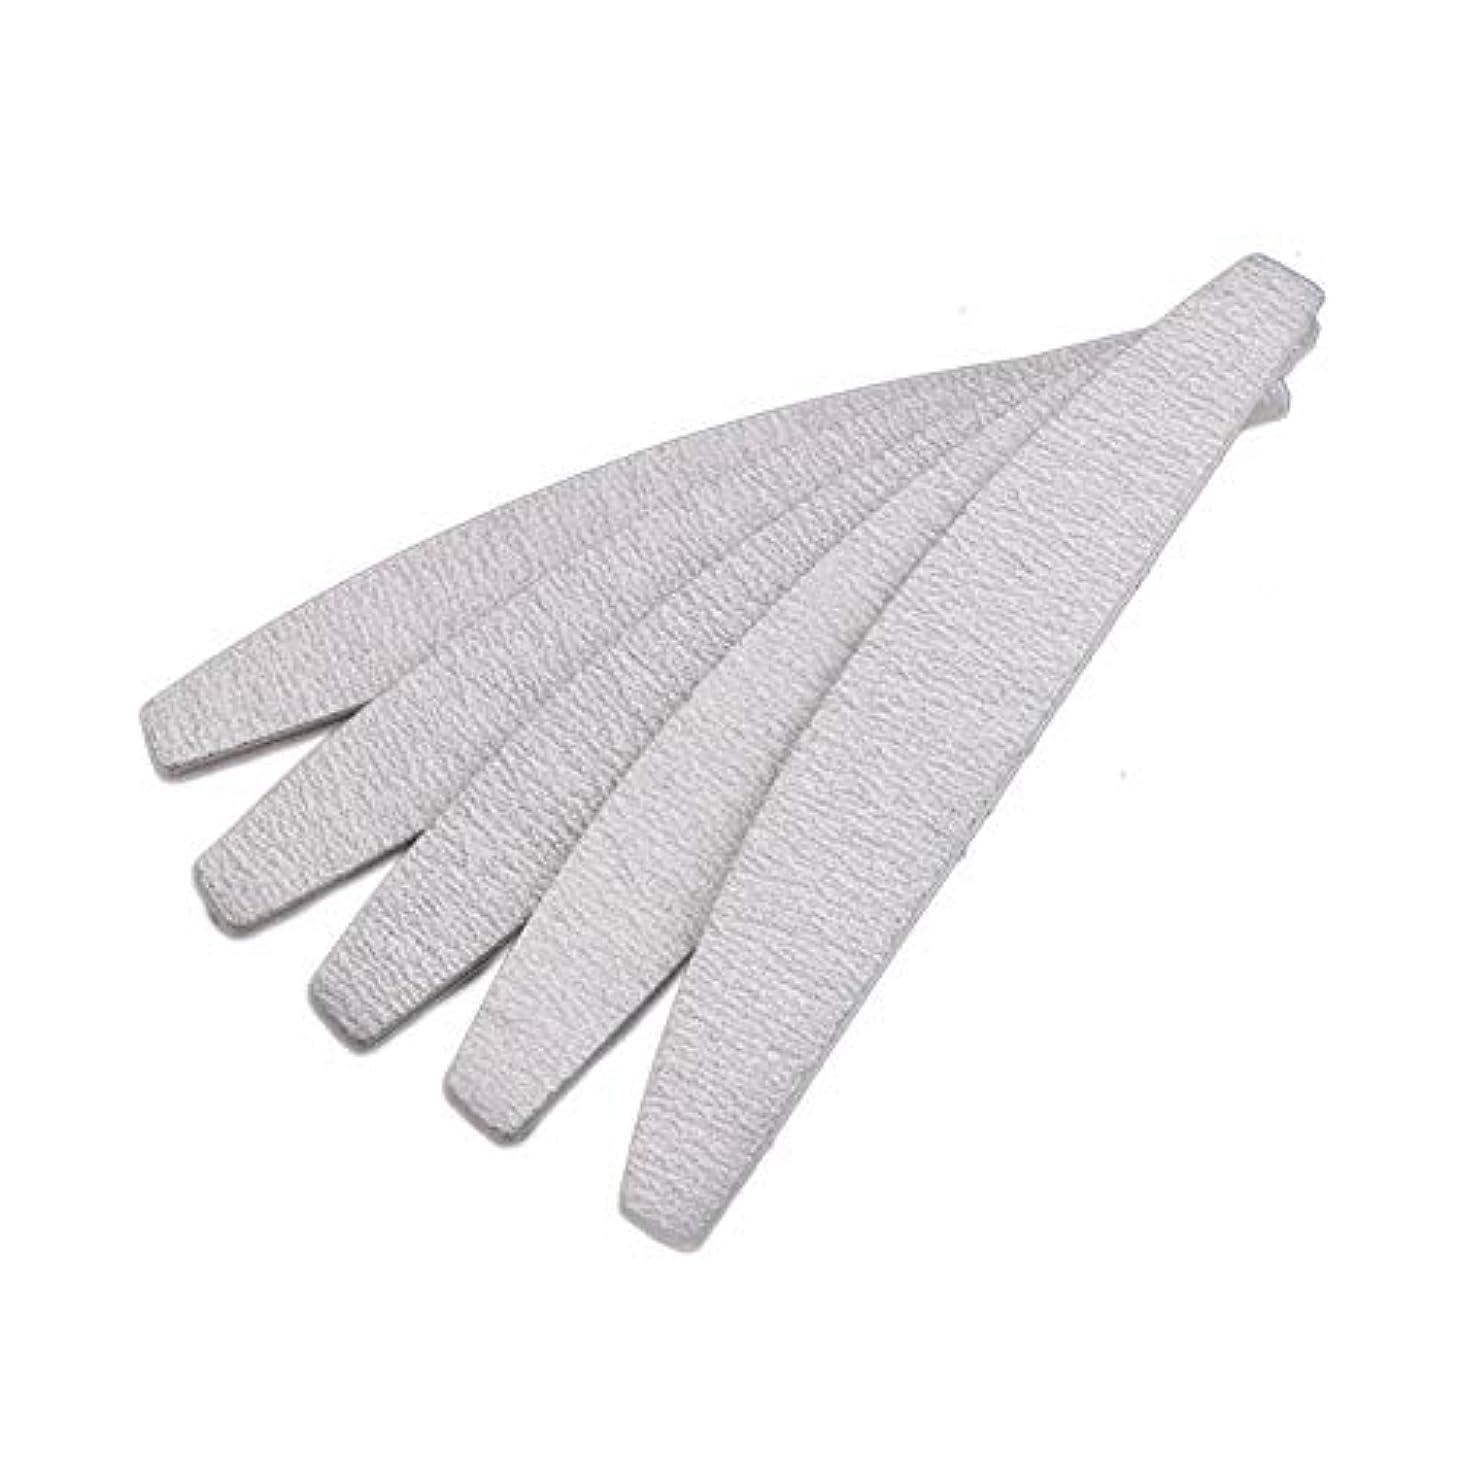 麻痺テロリストセラーCUHAWUDBA 爪やすり ネイルファイル、D形、両面、灰白/オフホワイト、10個